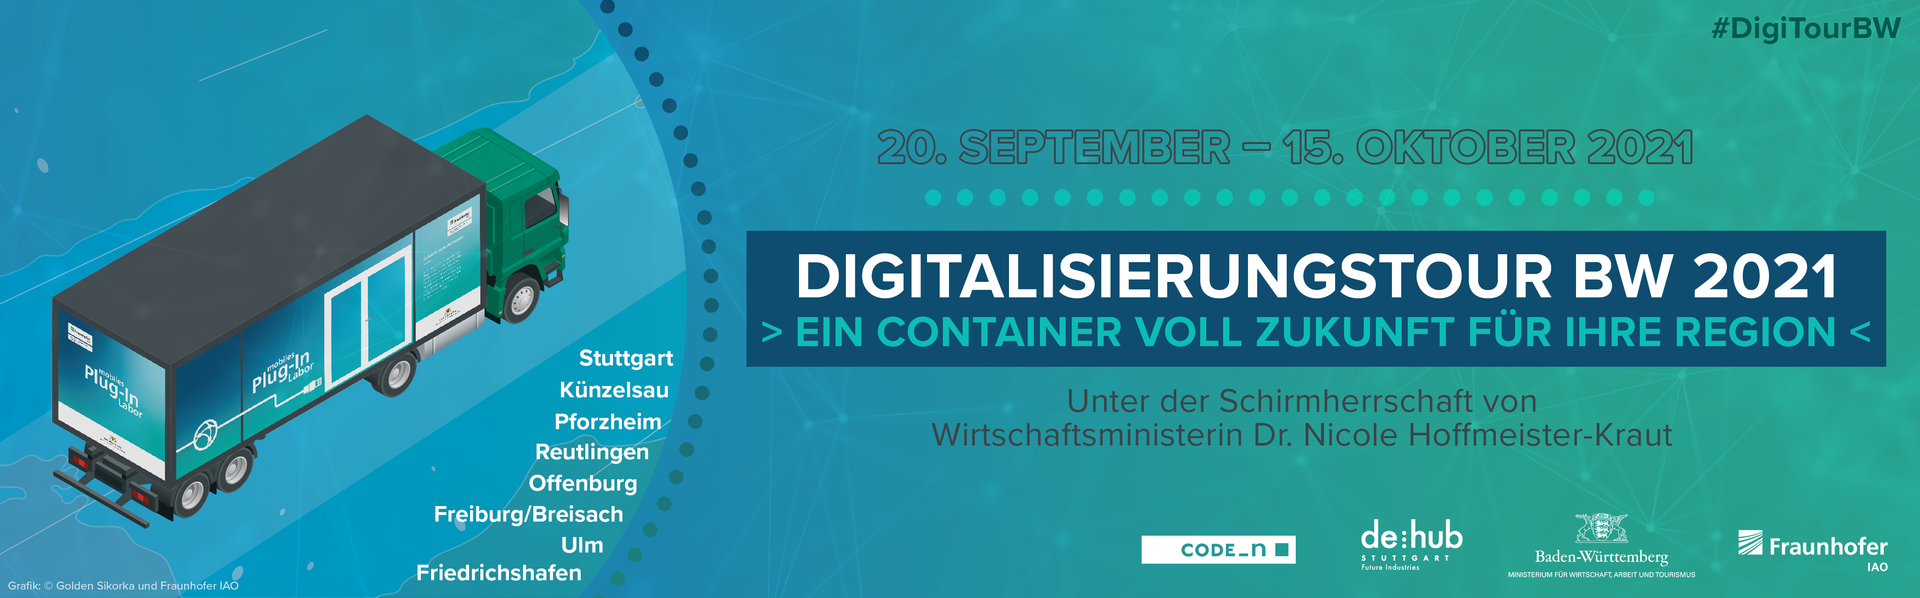 Flyer der Digitalisierungstour Baden-Württemberg 2021